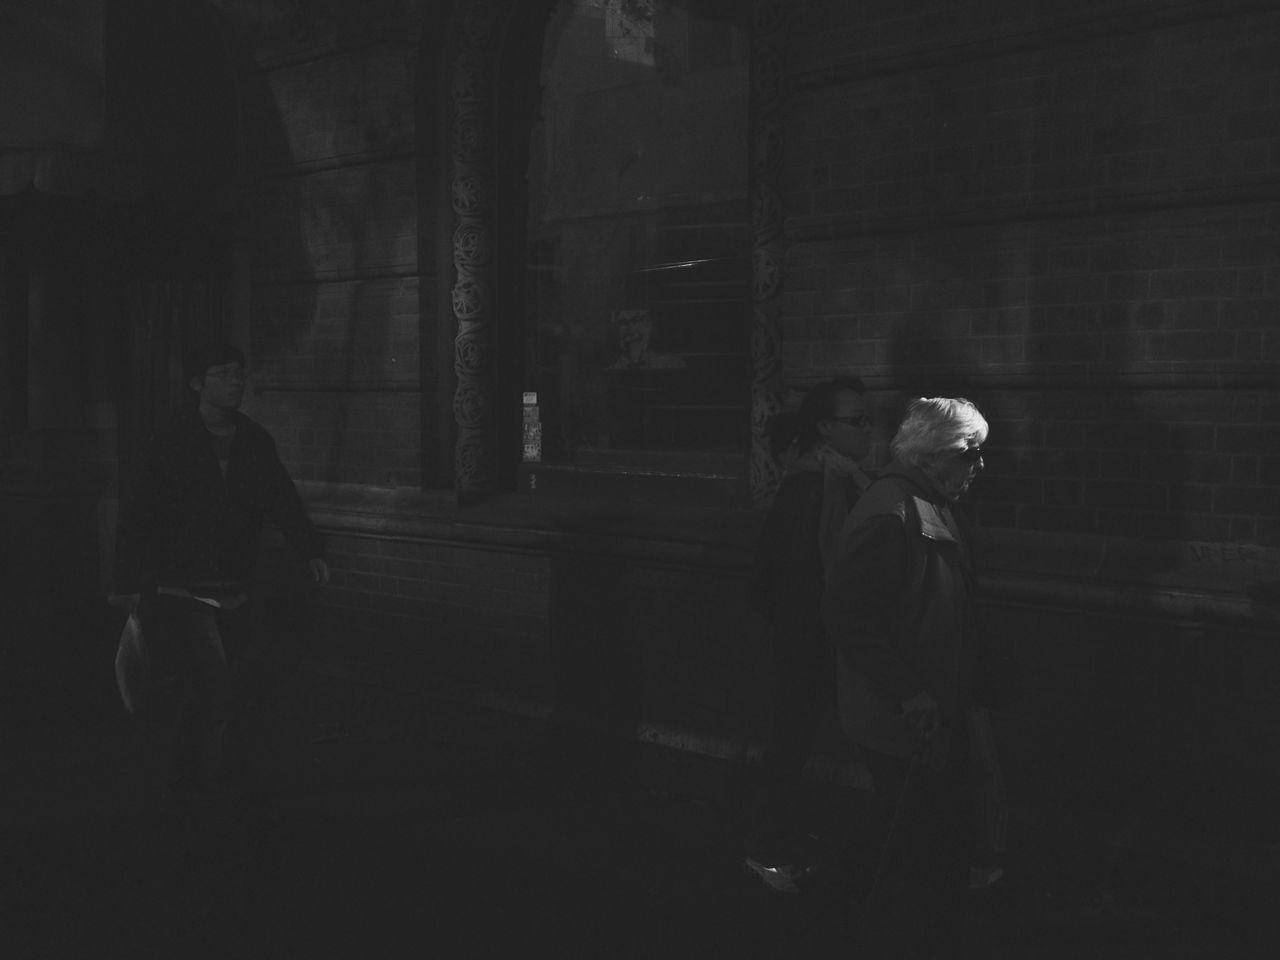 #streetphotography #sydney #vscocam